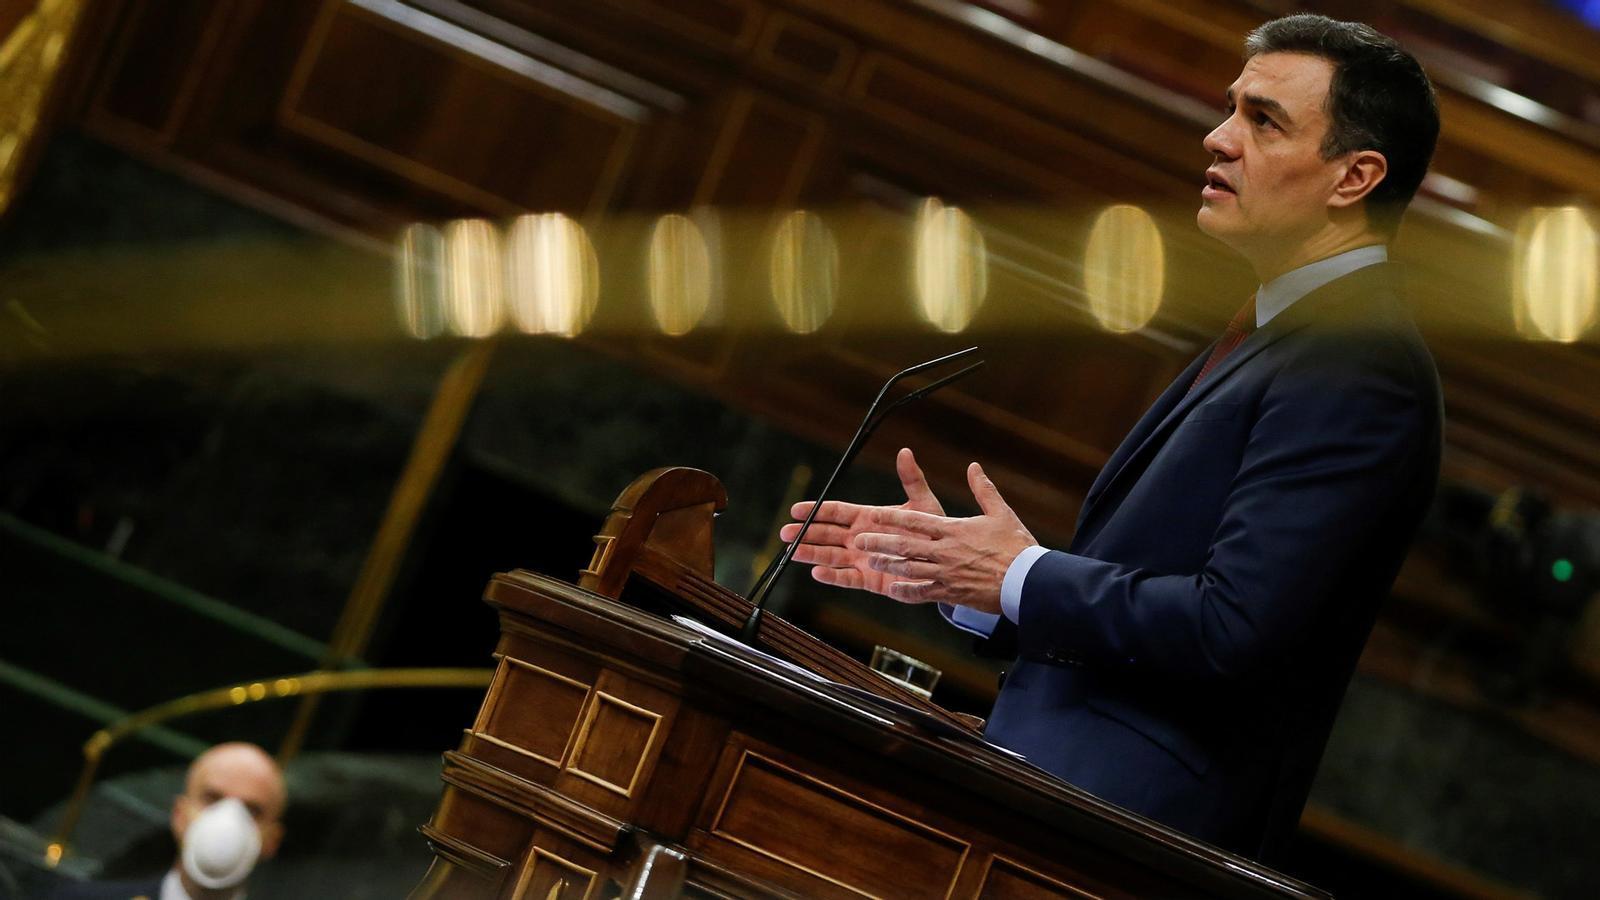 L'anàlisi d'Antoni Bassas: 'Sánchez contra el criteri dels científics'